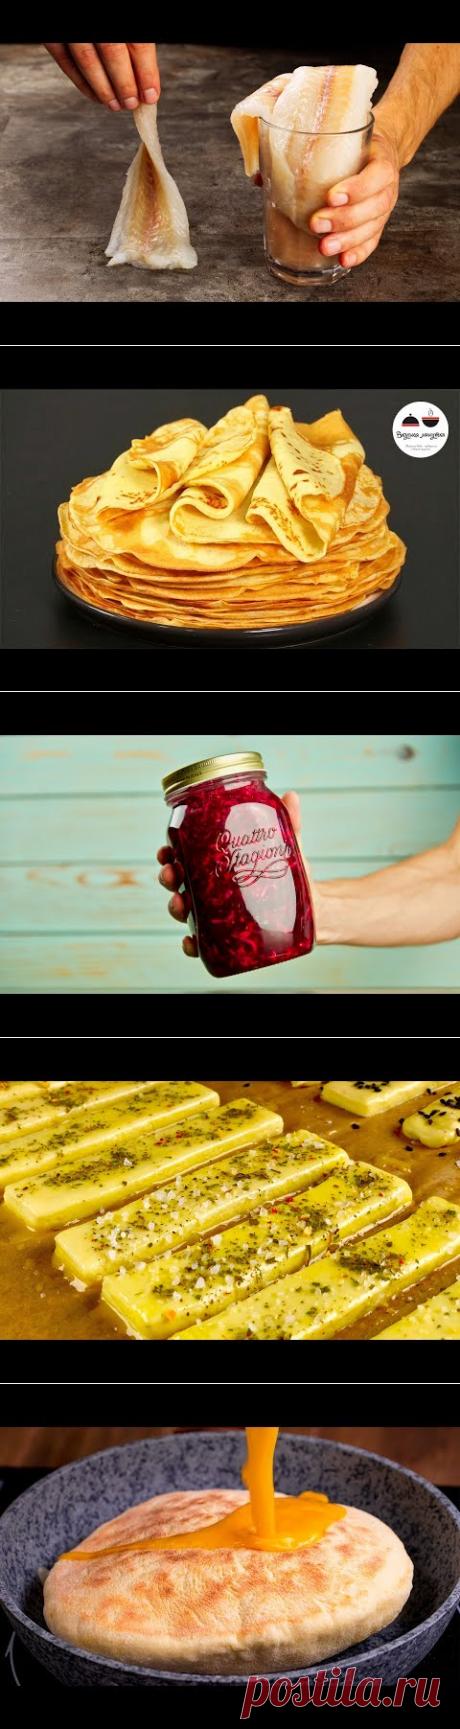 (518) Стакан сырой картошки и немного ряженки... Забытый деревенский рецепт! - YouTube